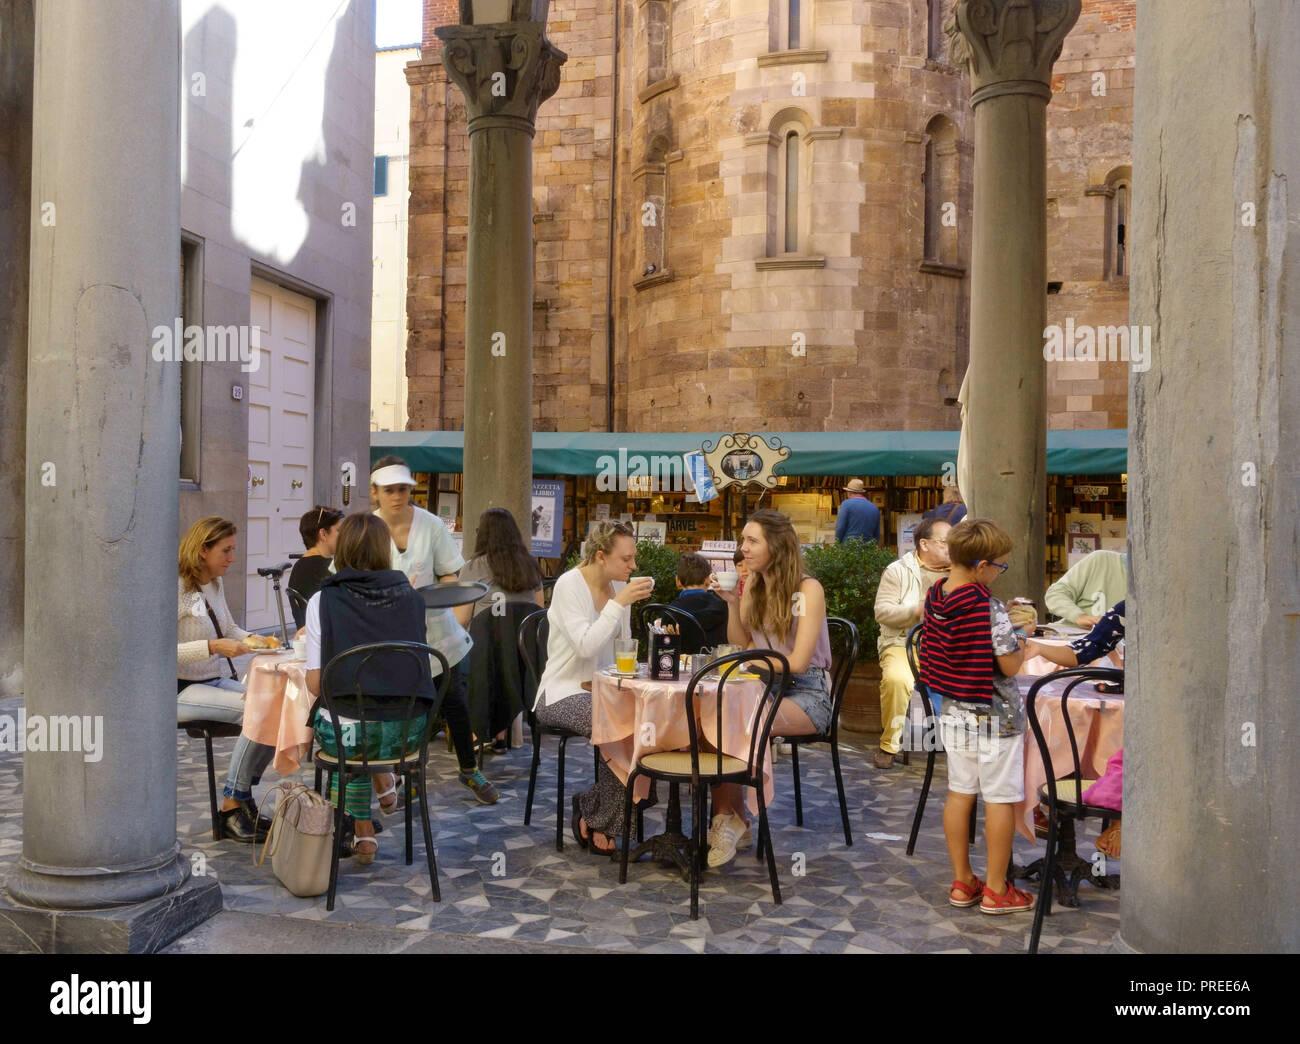 LUCCA,ITALIA-settembre 29,2018: Outdoor Cafe a piazzette del Libro; mercato del libro a Lucca Immagini Stock